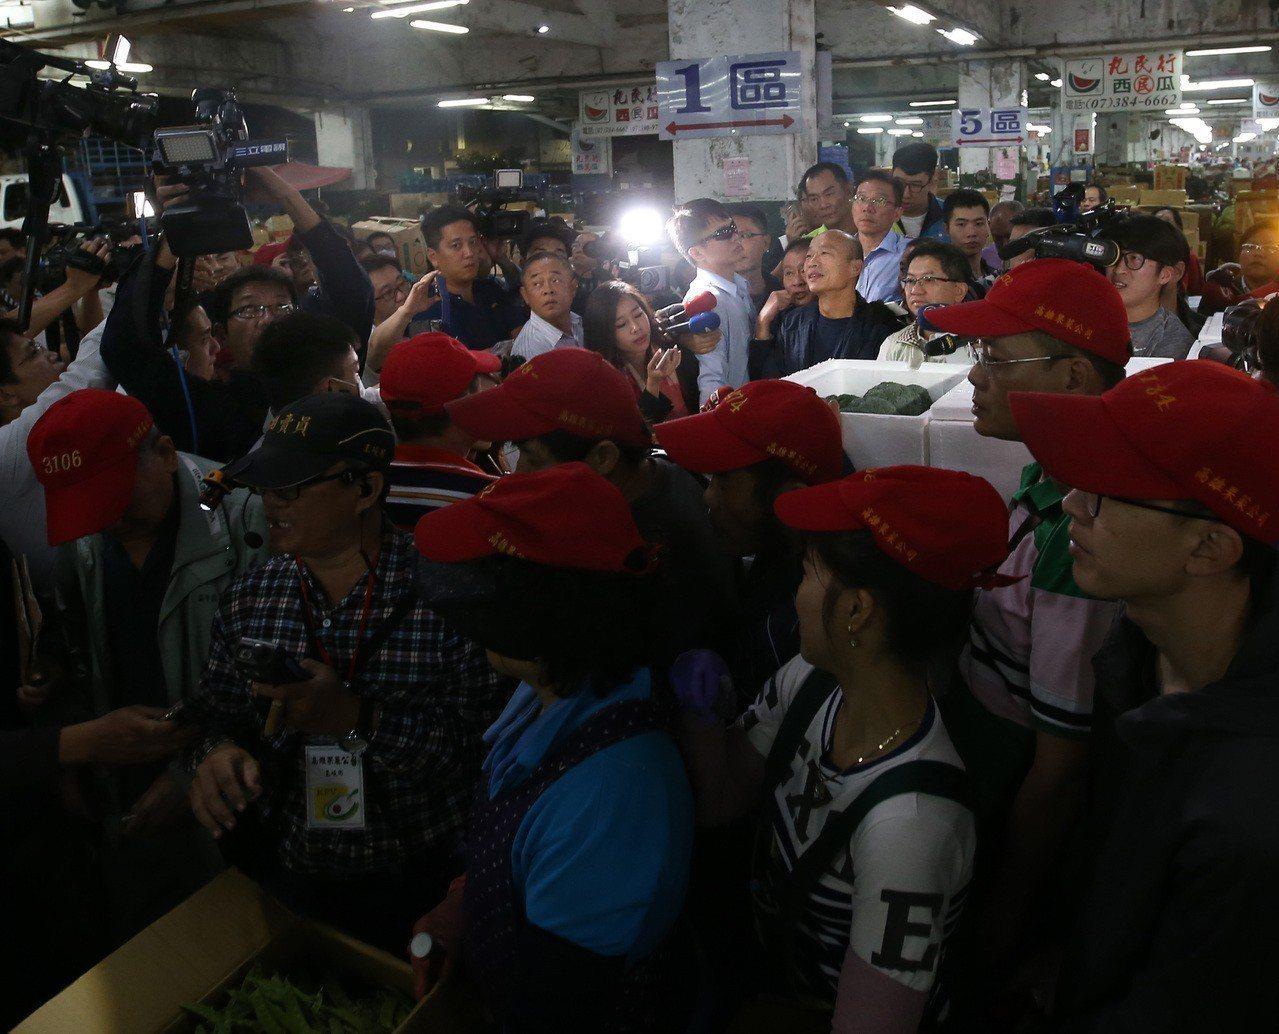 高雄市長韓國瑜(後右)清晨三點起床,視察高雄十全果菜市場。韓國瑜特別駐足,聽拍賣...